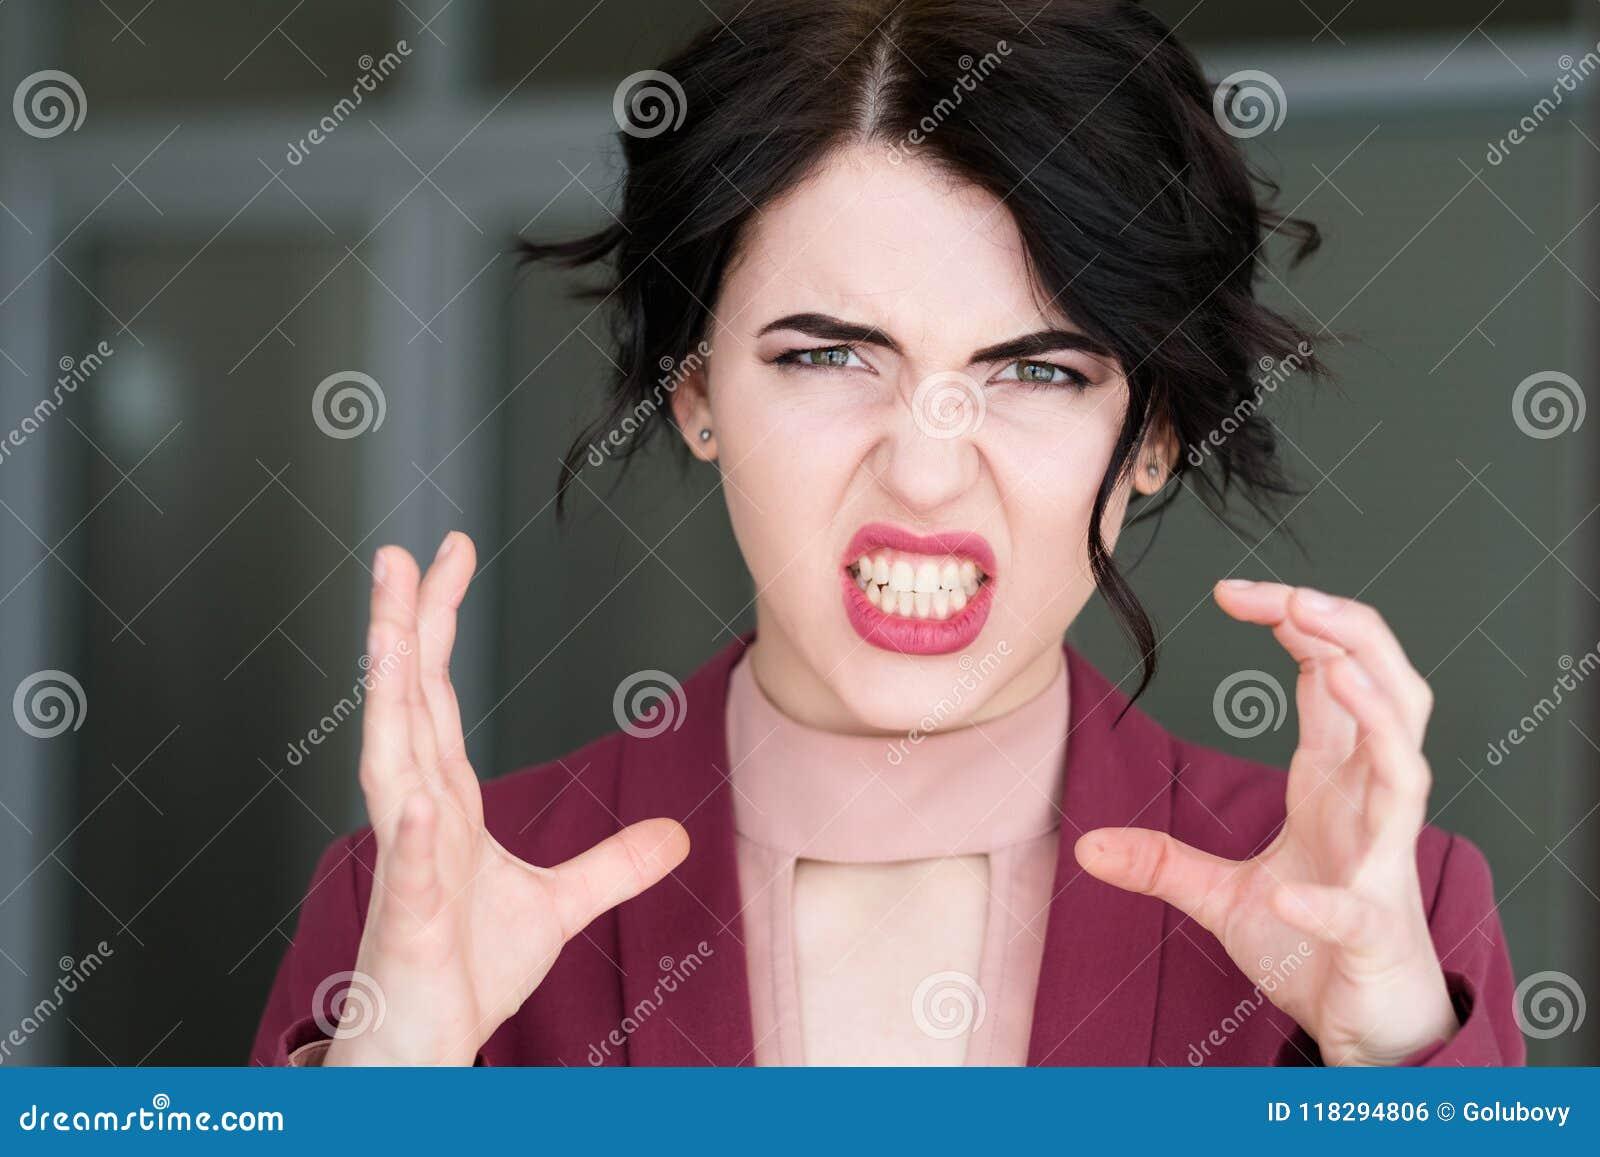 情感面孔愤怒愤怒扼杀露出牙的妇女